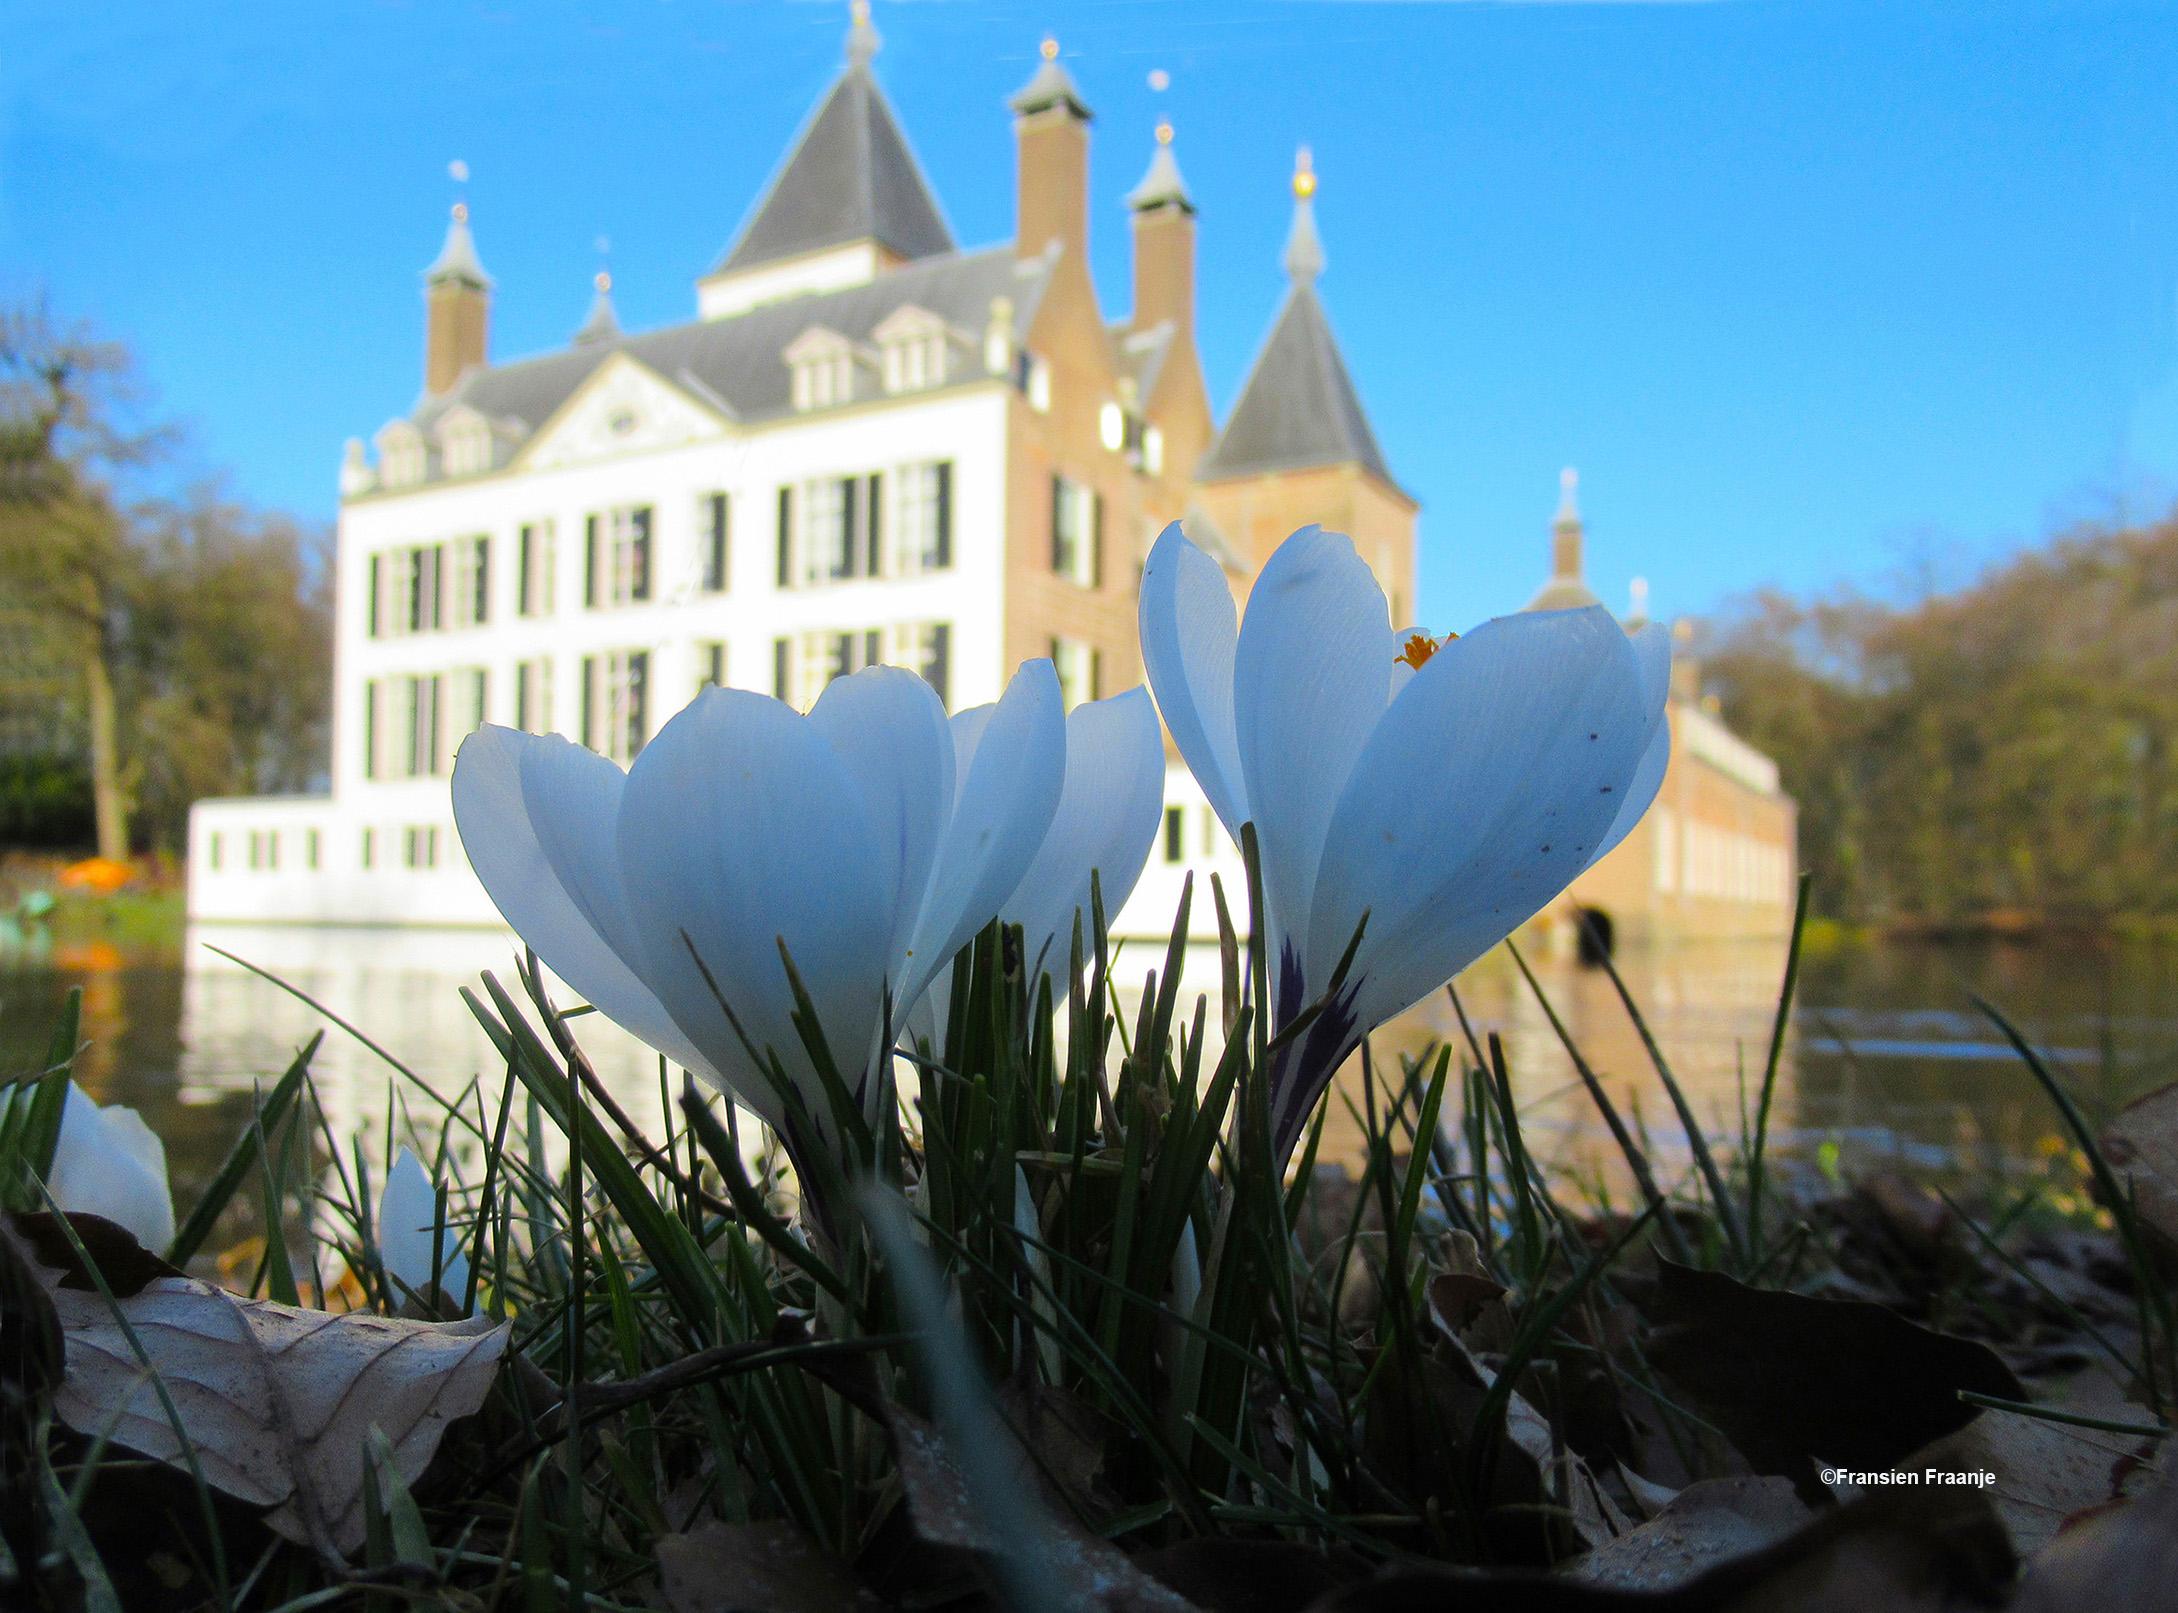 Eerst nog wat bloeiende crocussen op de voorgrond, om de spanning op te bouwen - Foto: ©Fransien Fraanje